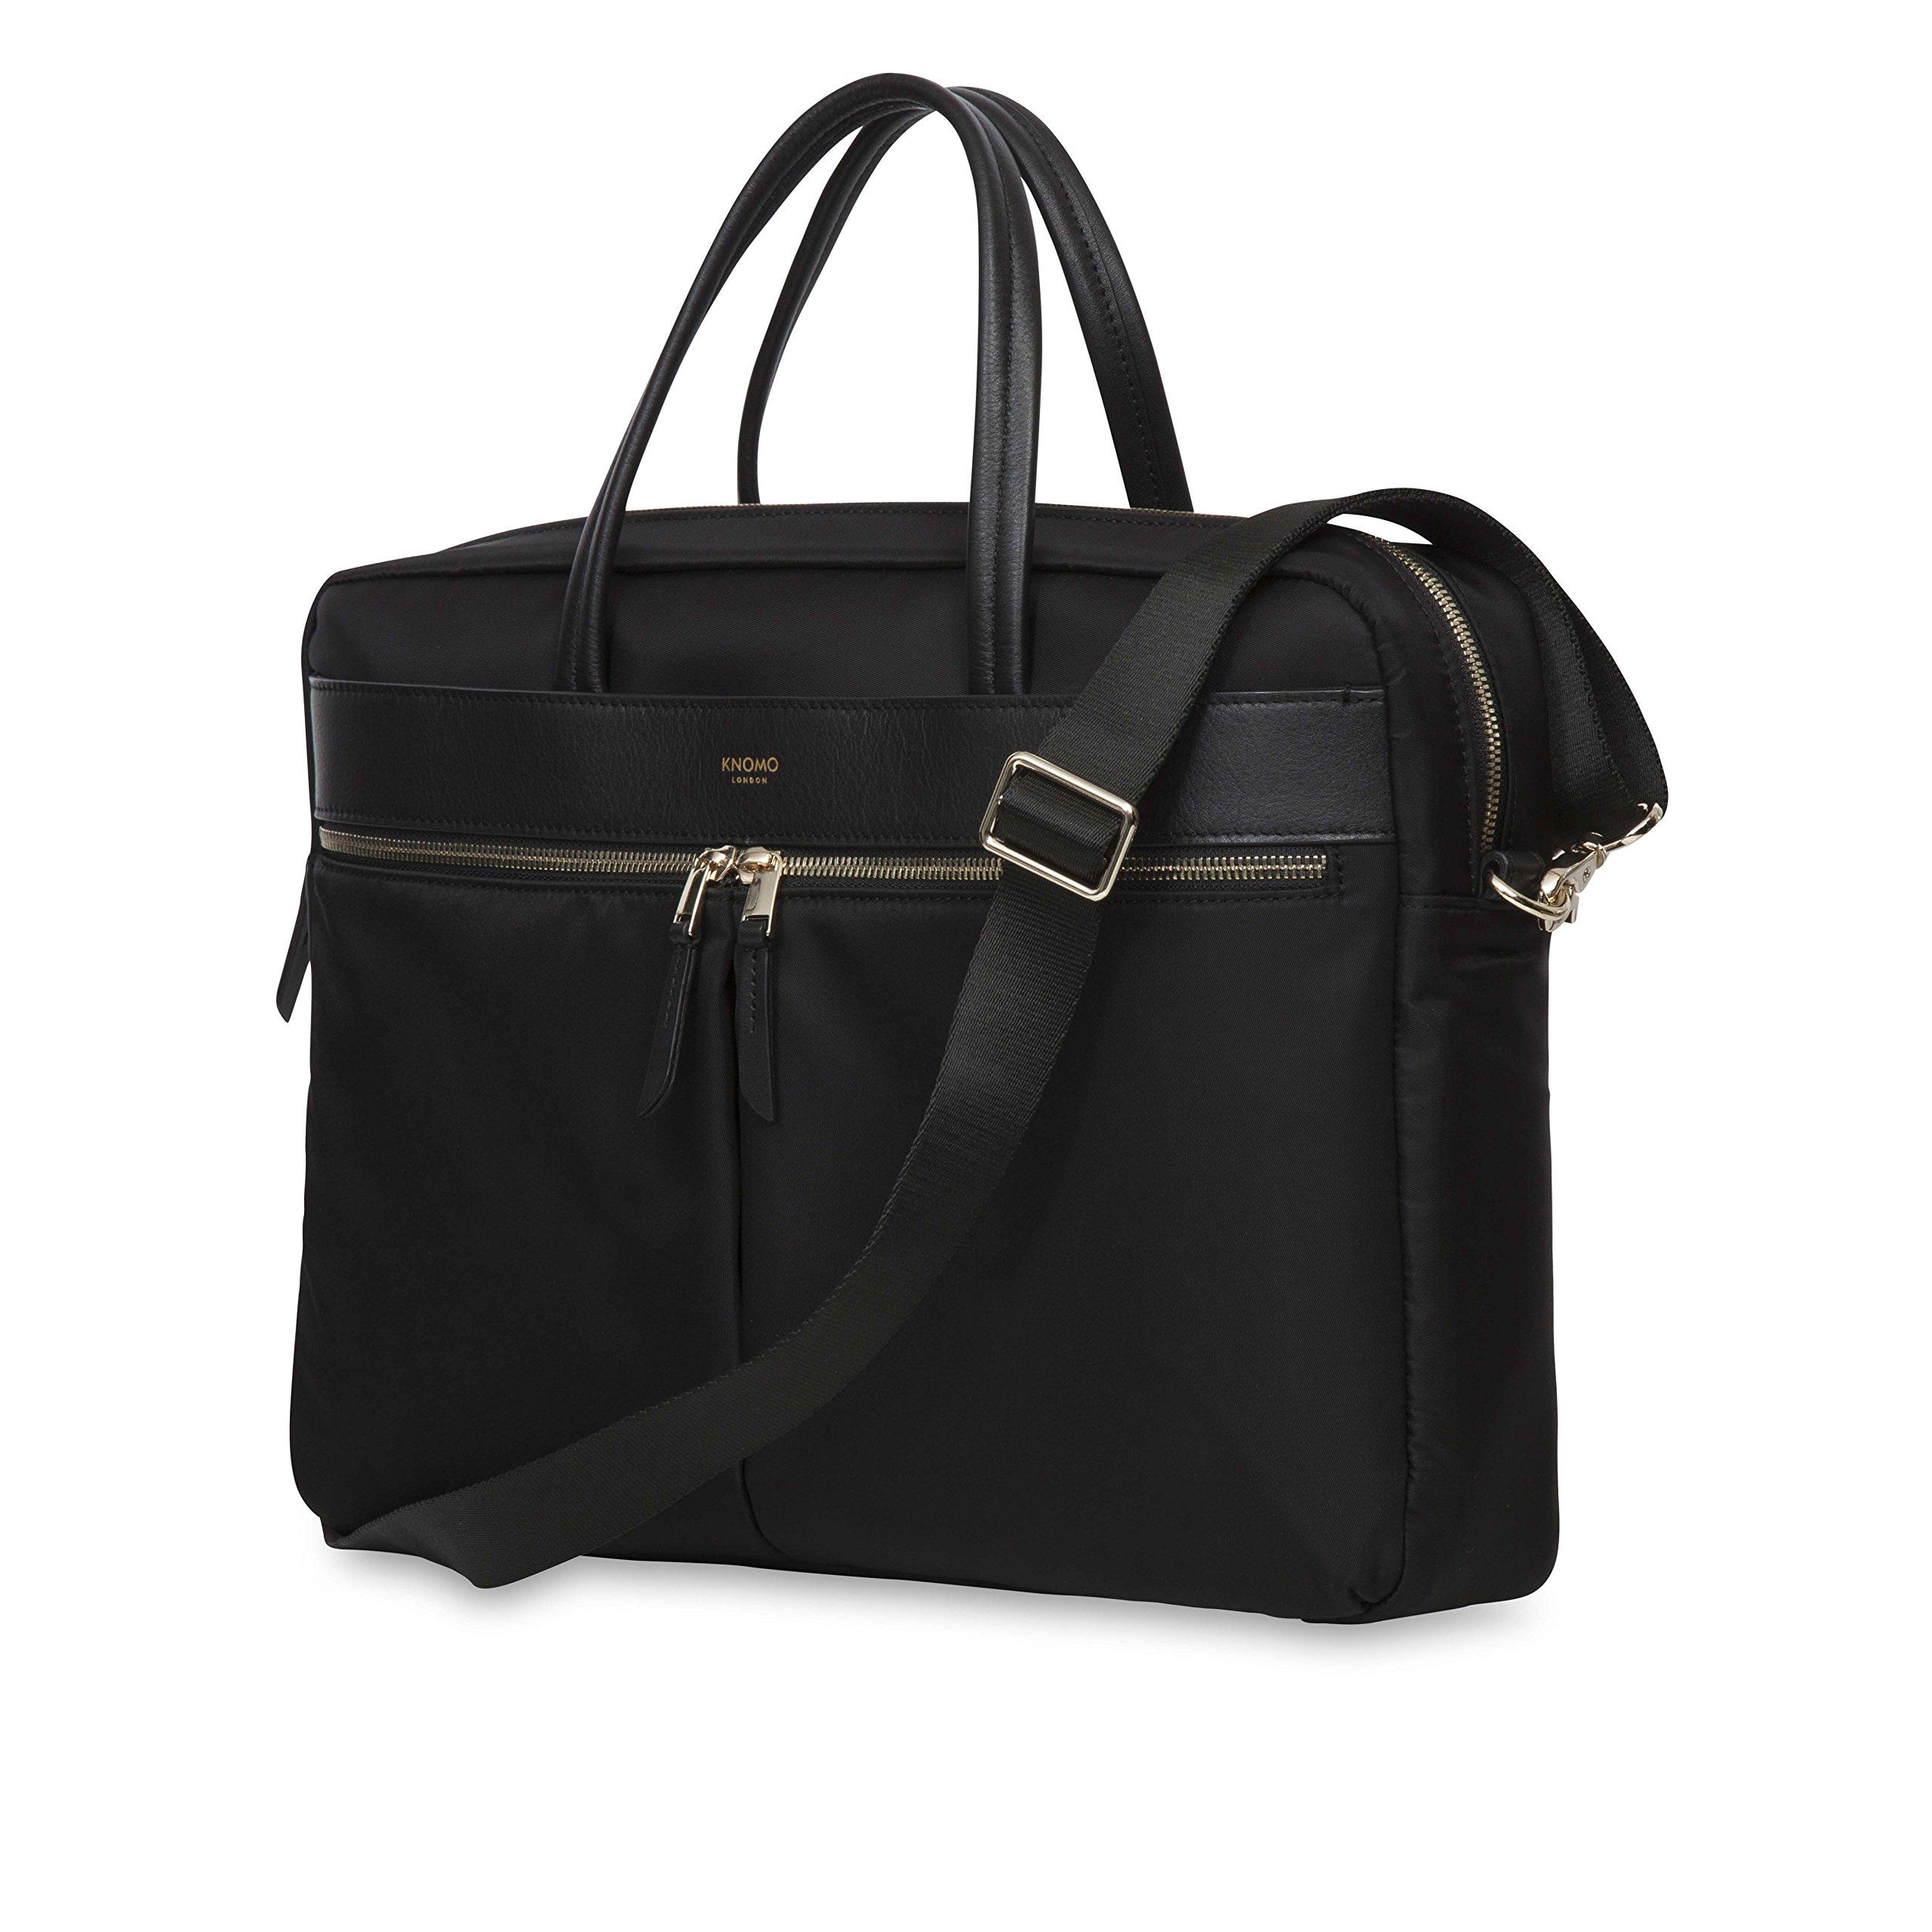 KNOMO Hanover Slim Briefcase 15'' - Black by Knomo